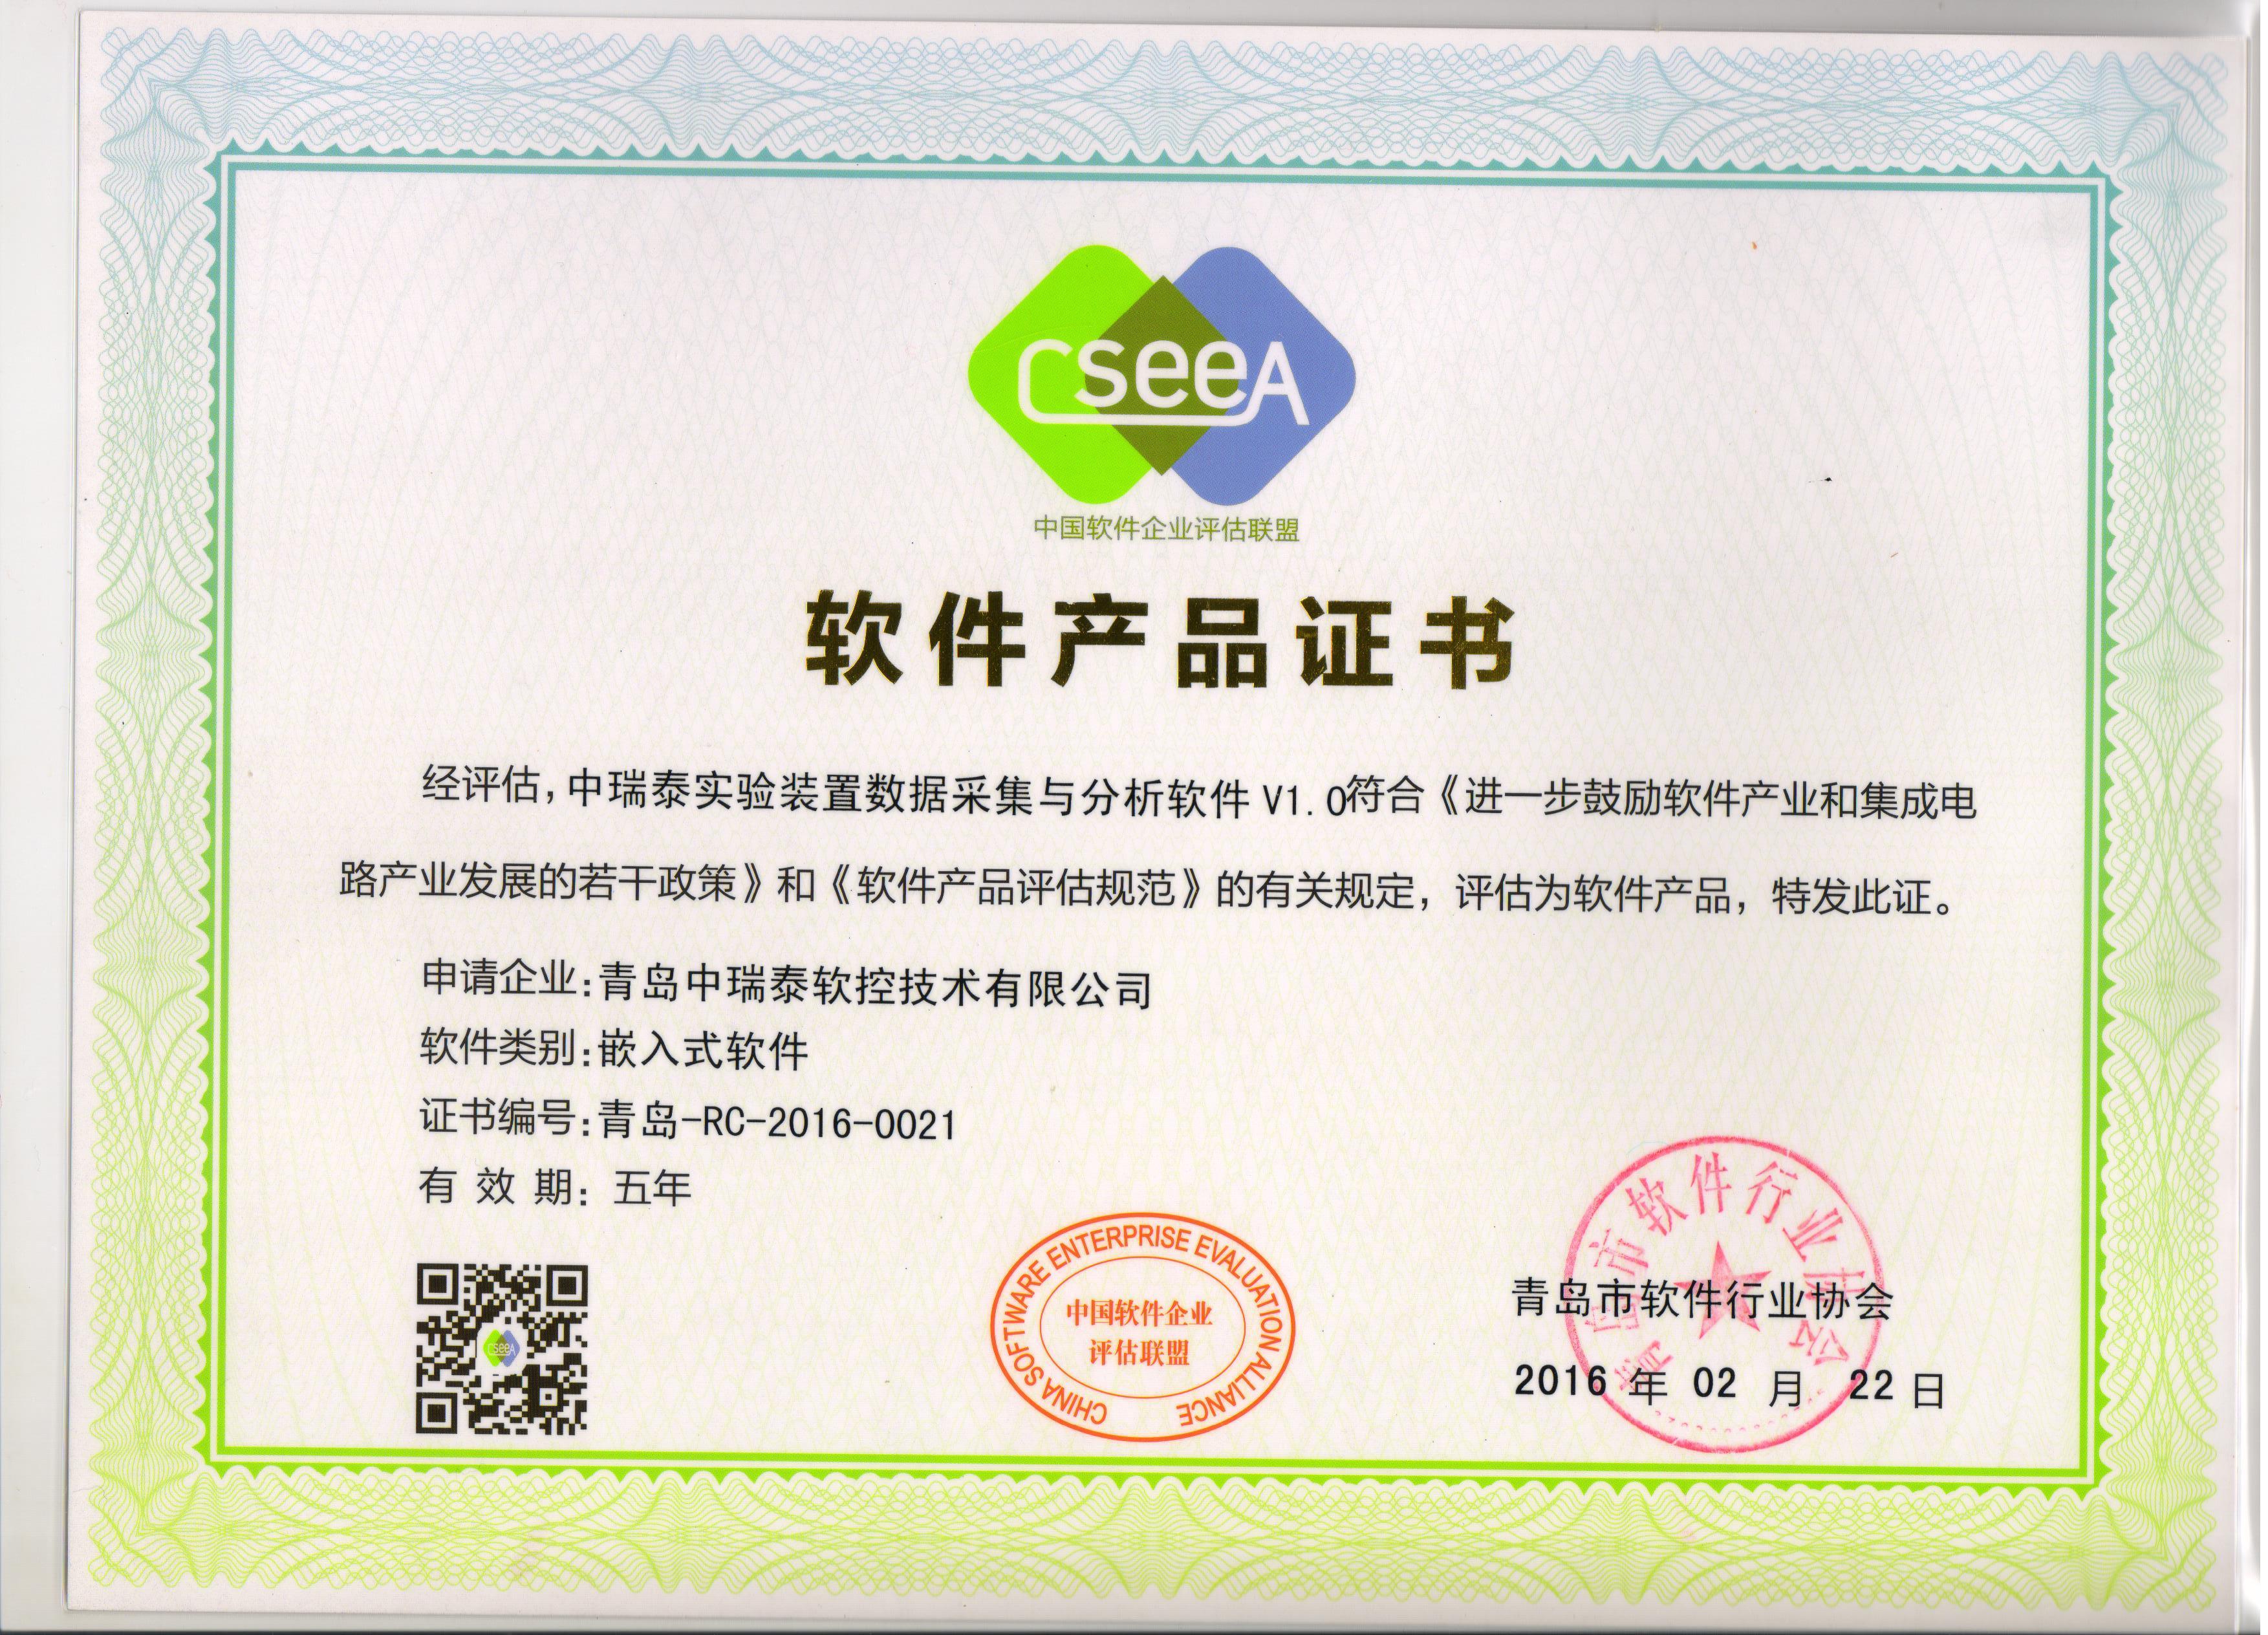 8-5、软件产品证书-中瑞泰实验装置数据采集与分析软件V1